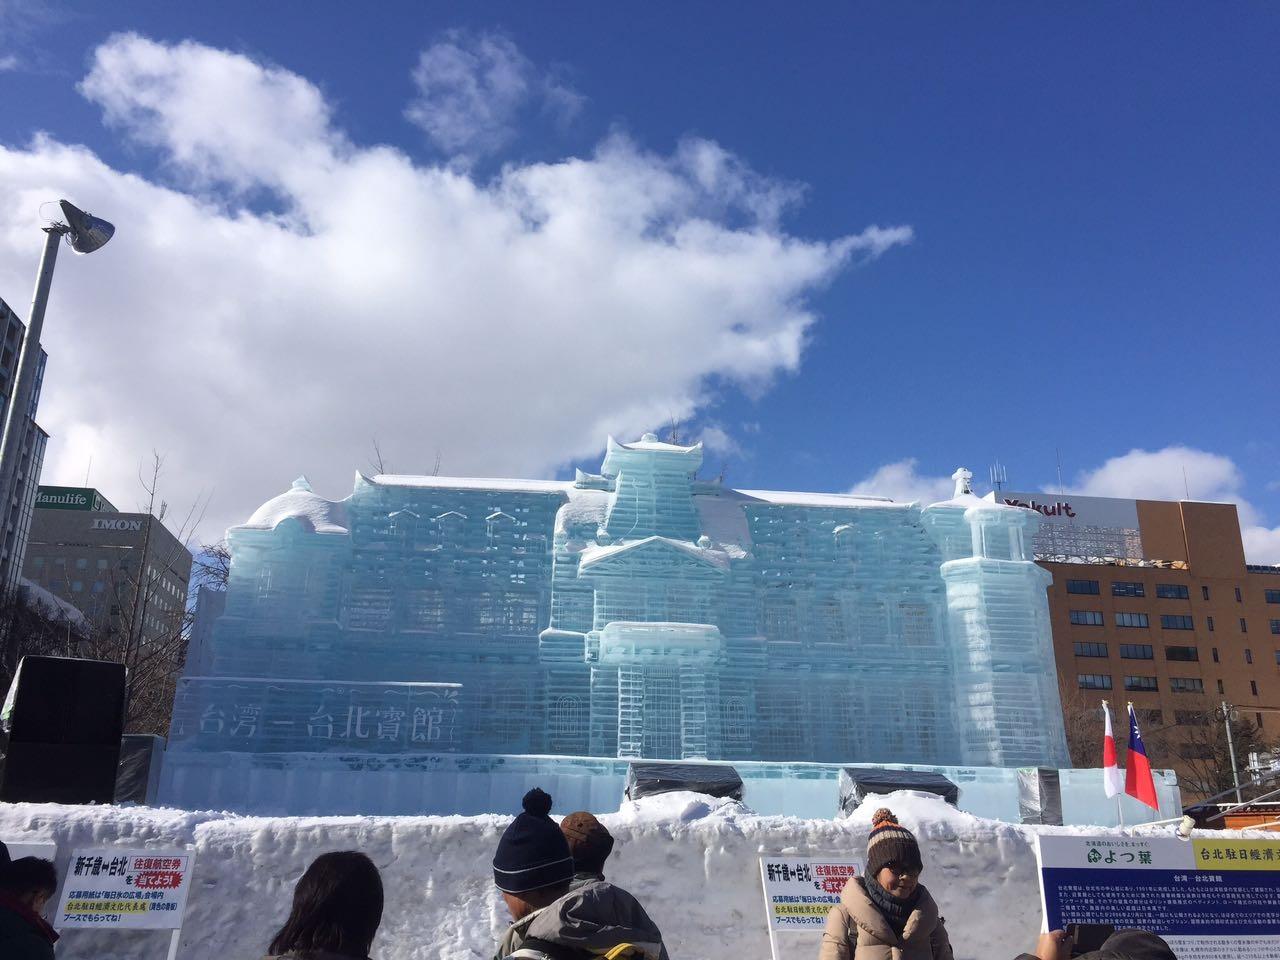 יום 3 - פסטיבל פסלי הקרח של סאפורו